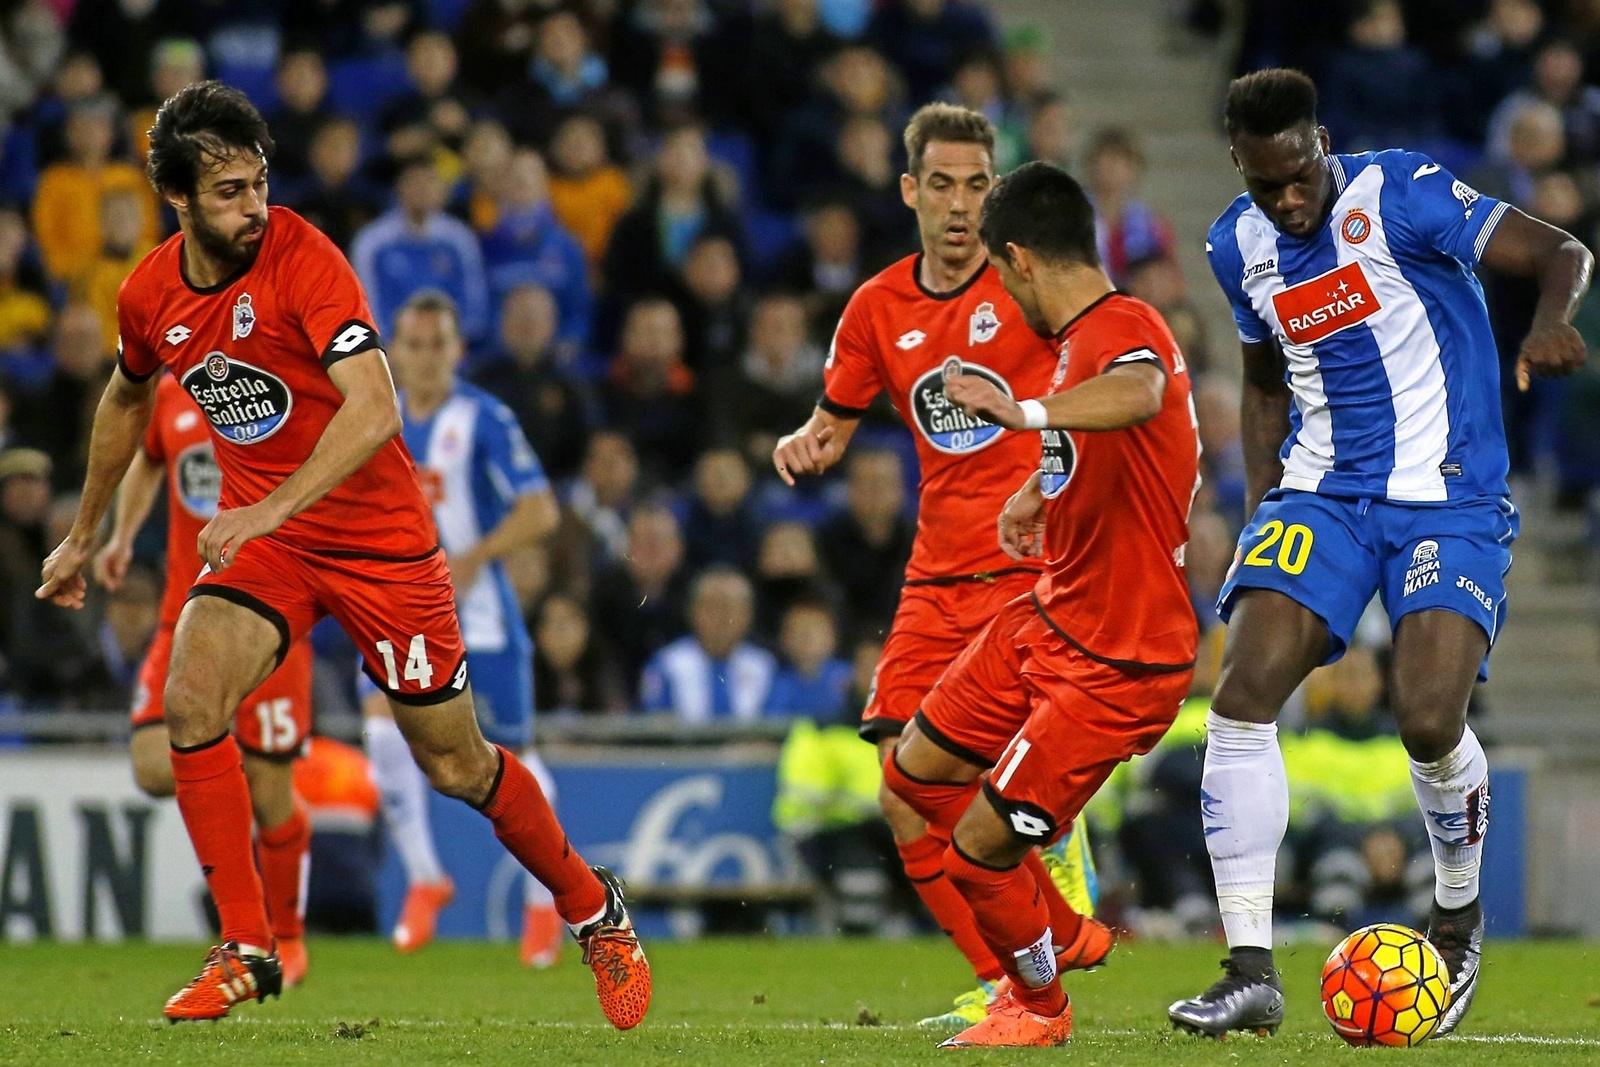 Caicedo gegen die Depor-Übermacht. Jetzt auf Espanyol gegen Deportivo La Coruna wetten!